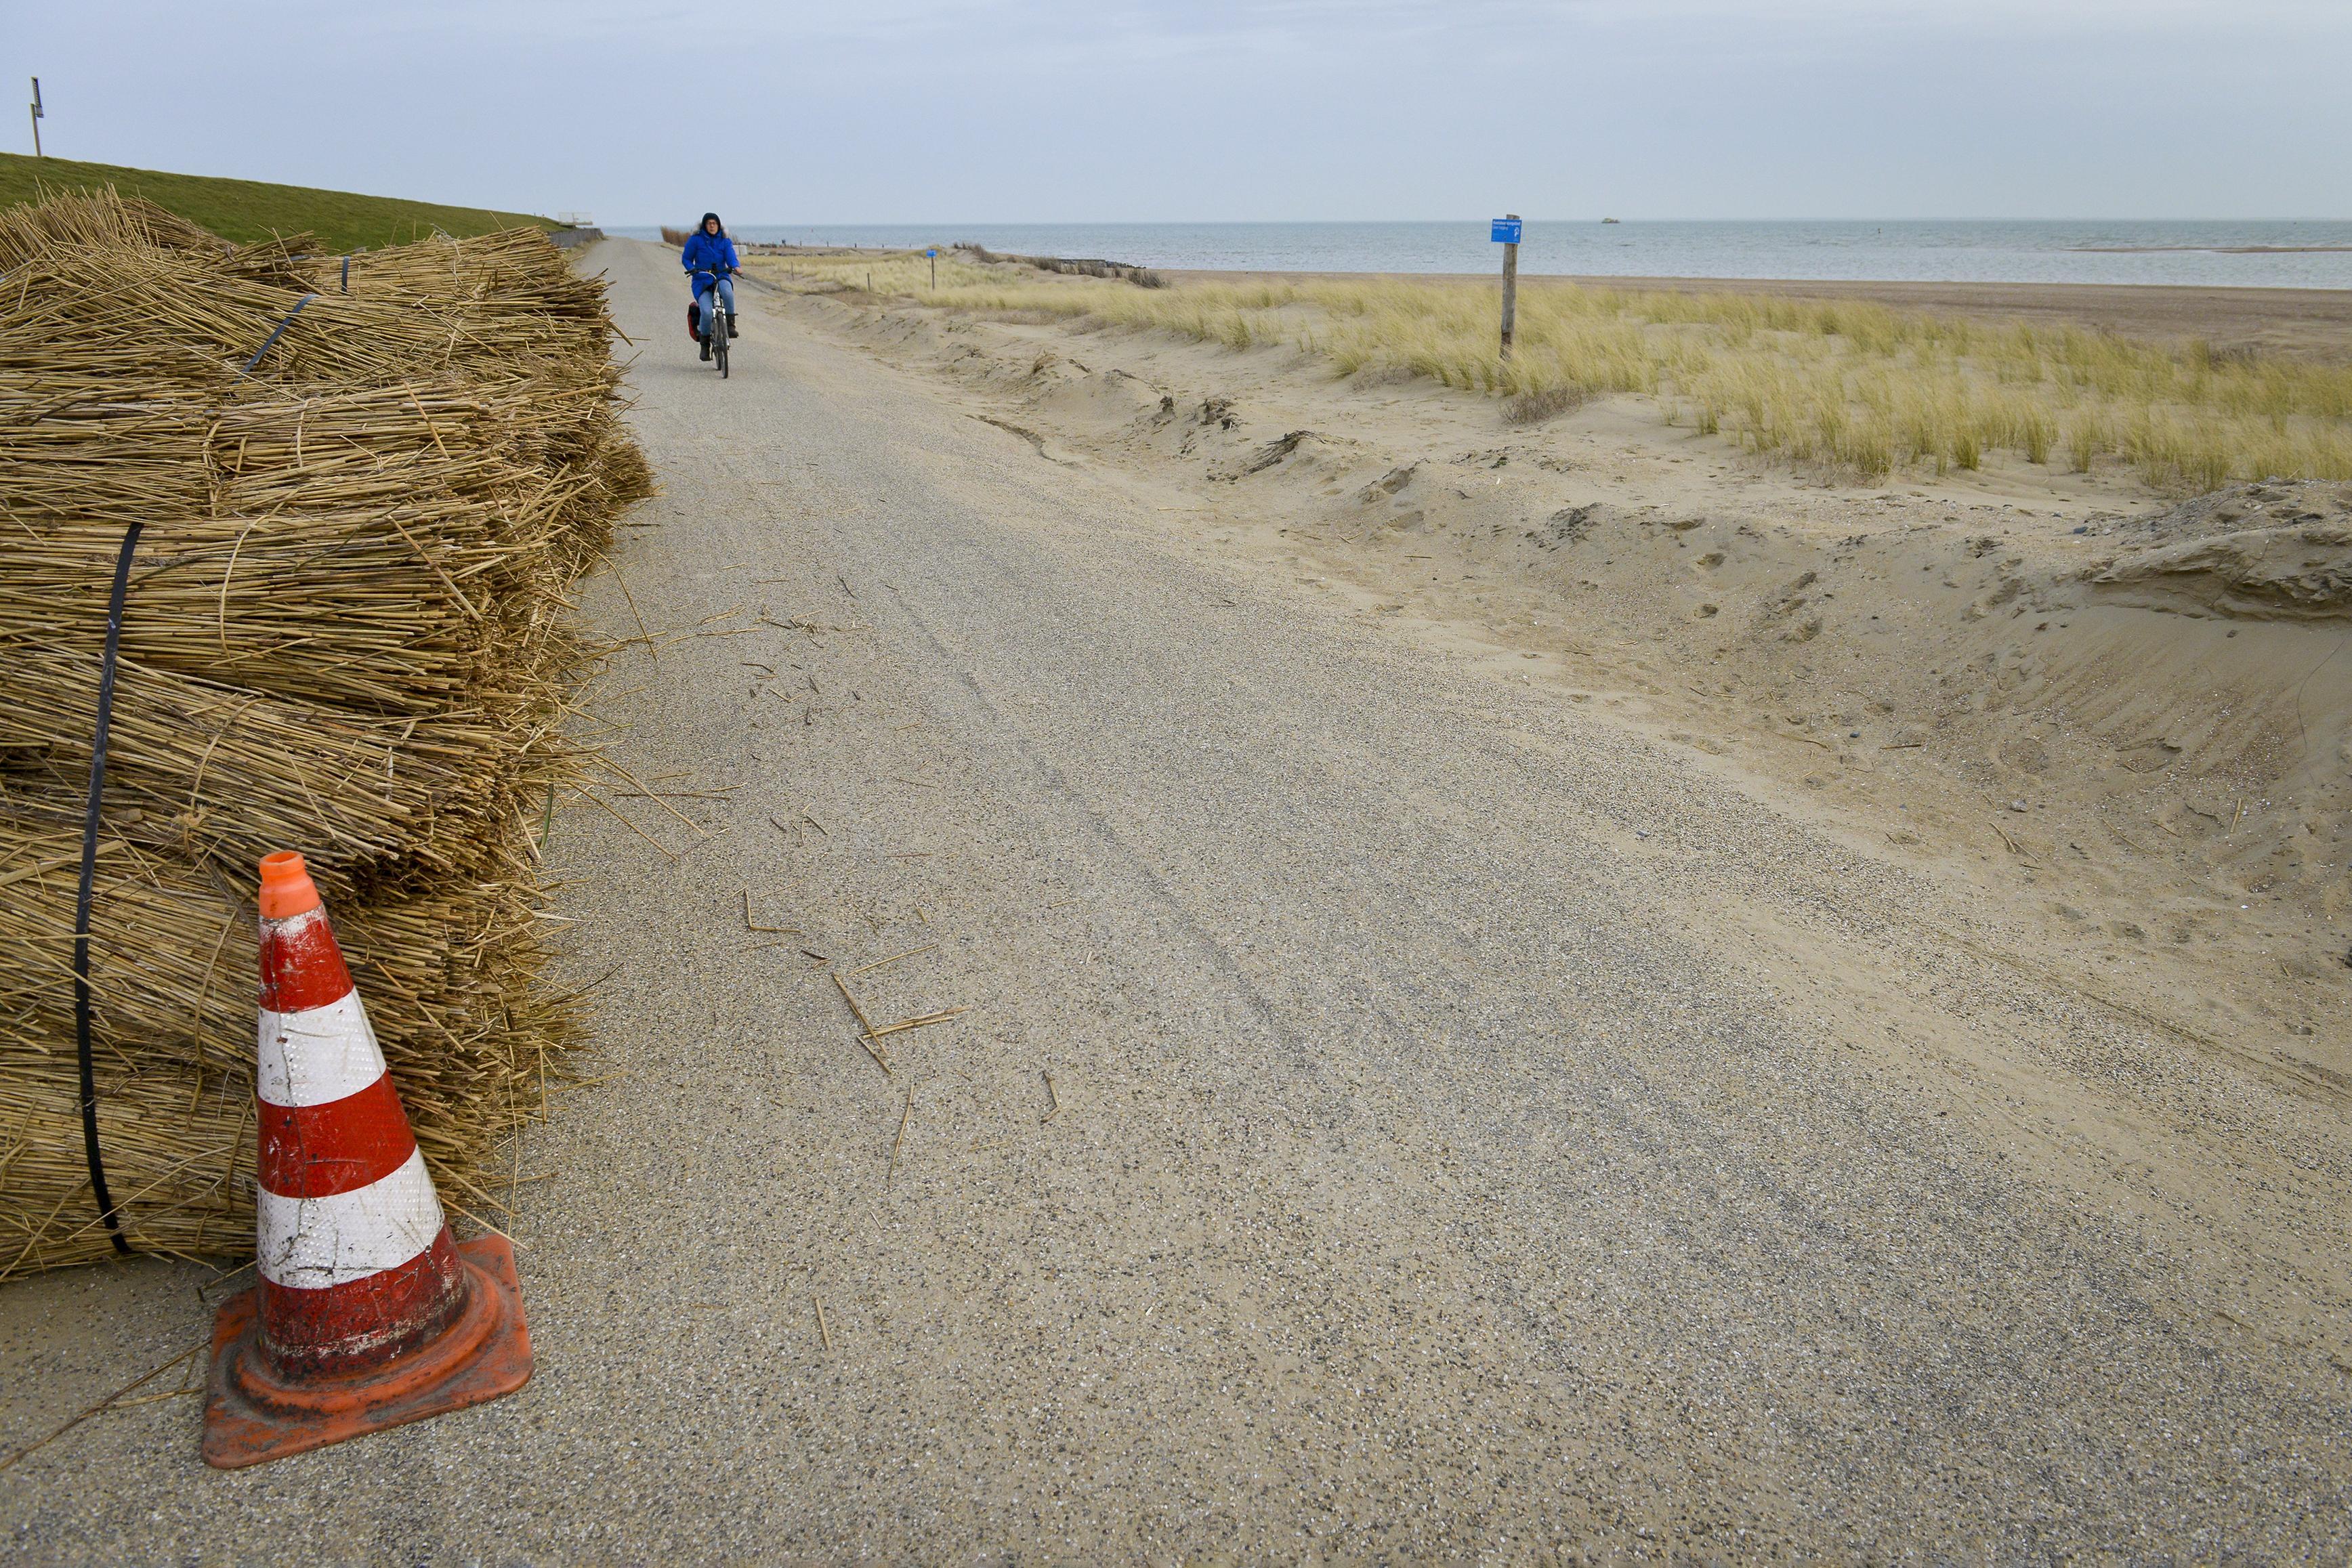 Hoogheemraadschap 'overvallen' door publicatie gemeente Texel over openstelling omstreden fietspad bij Ceres